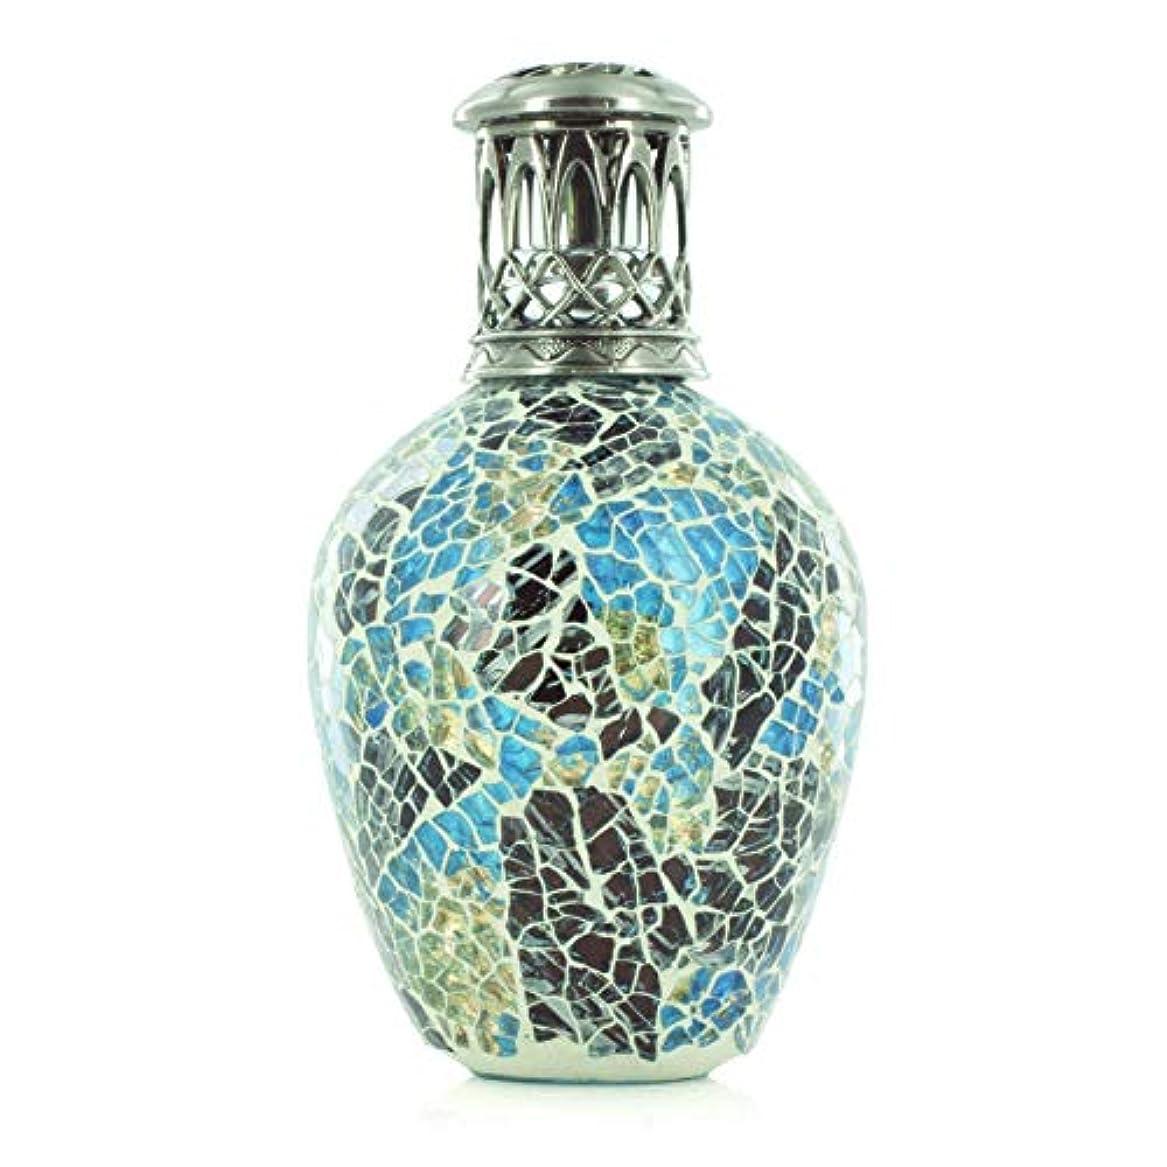 不潔の中で話Ashleigh&Burwood フレグランスランプ S ミハイロフスキー FragranceLamps sizeS Mikhailovsky アシュレイ&バーウッド